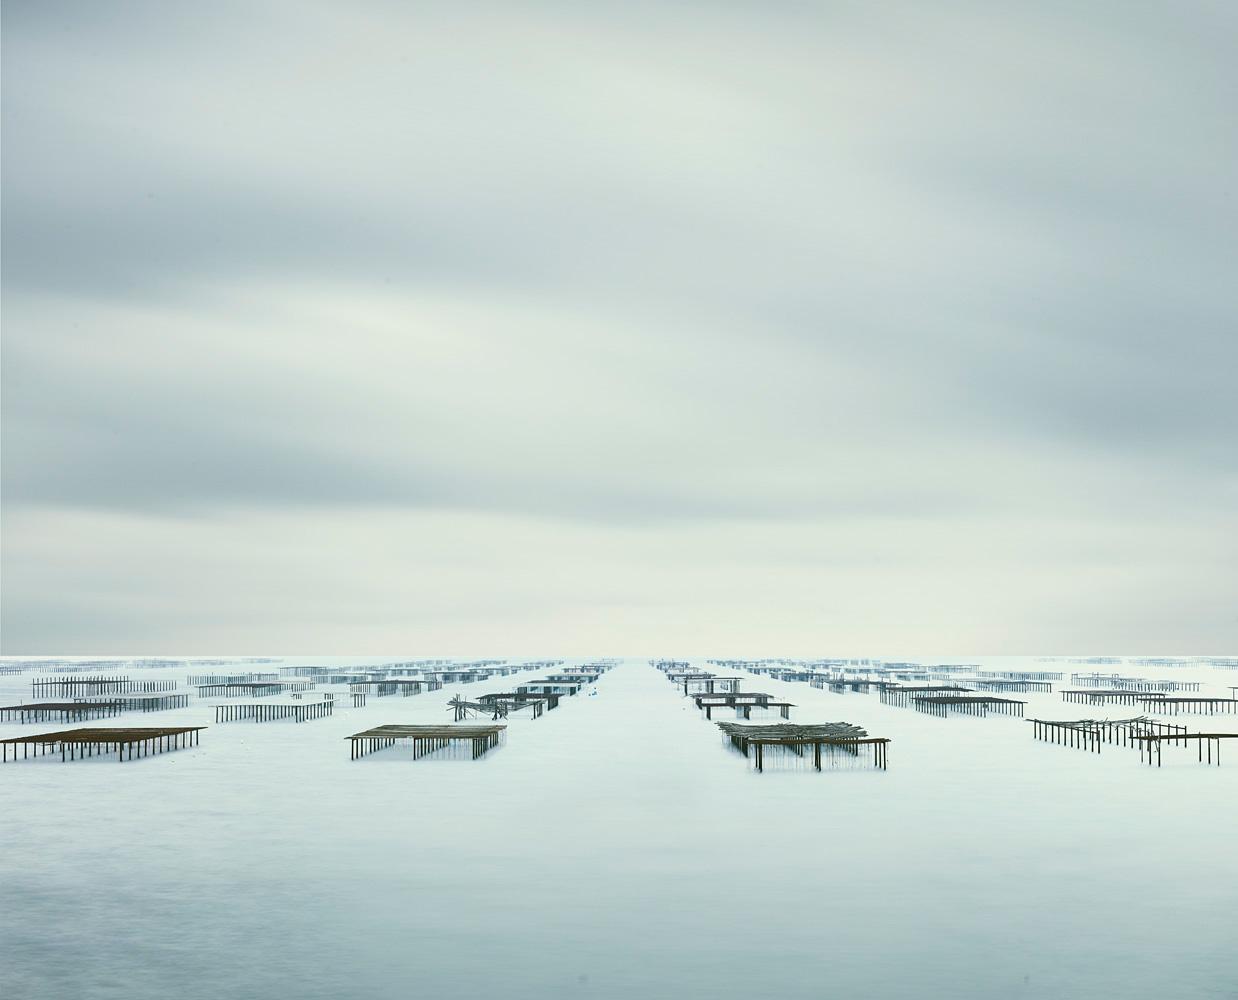 Oyster Racks, Meze, France, 2012